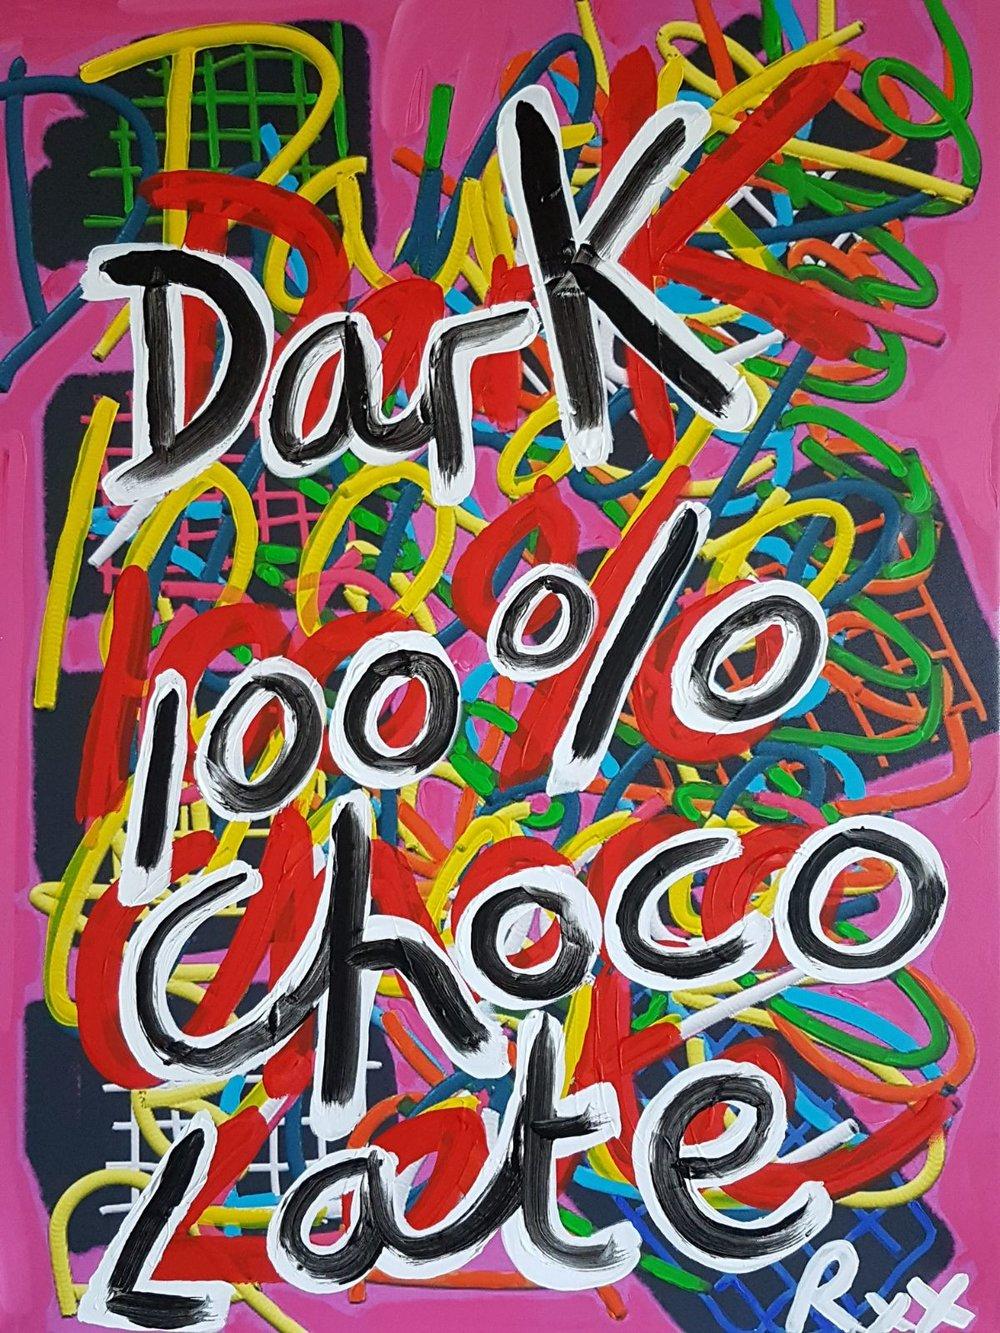 DarkChocolate48x36.jpg